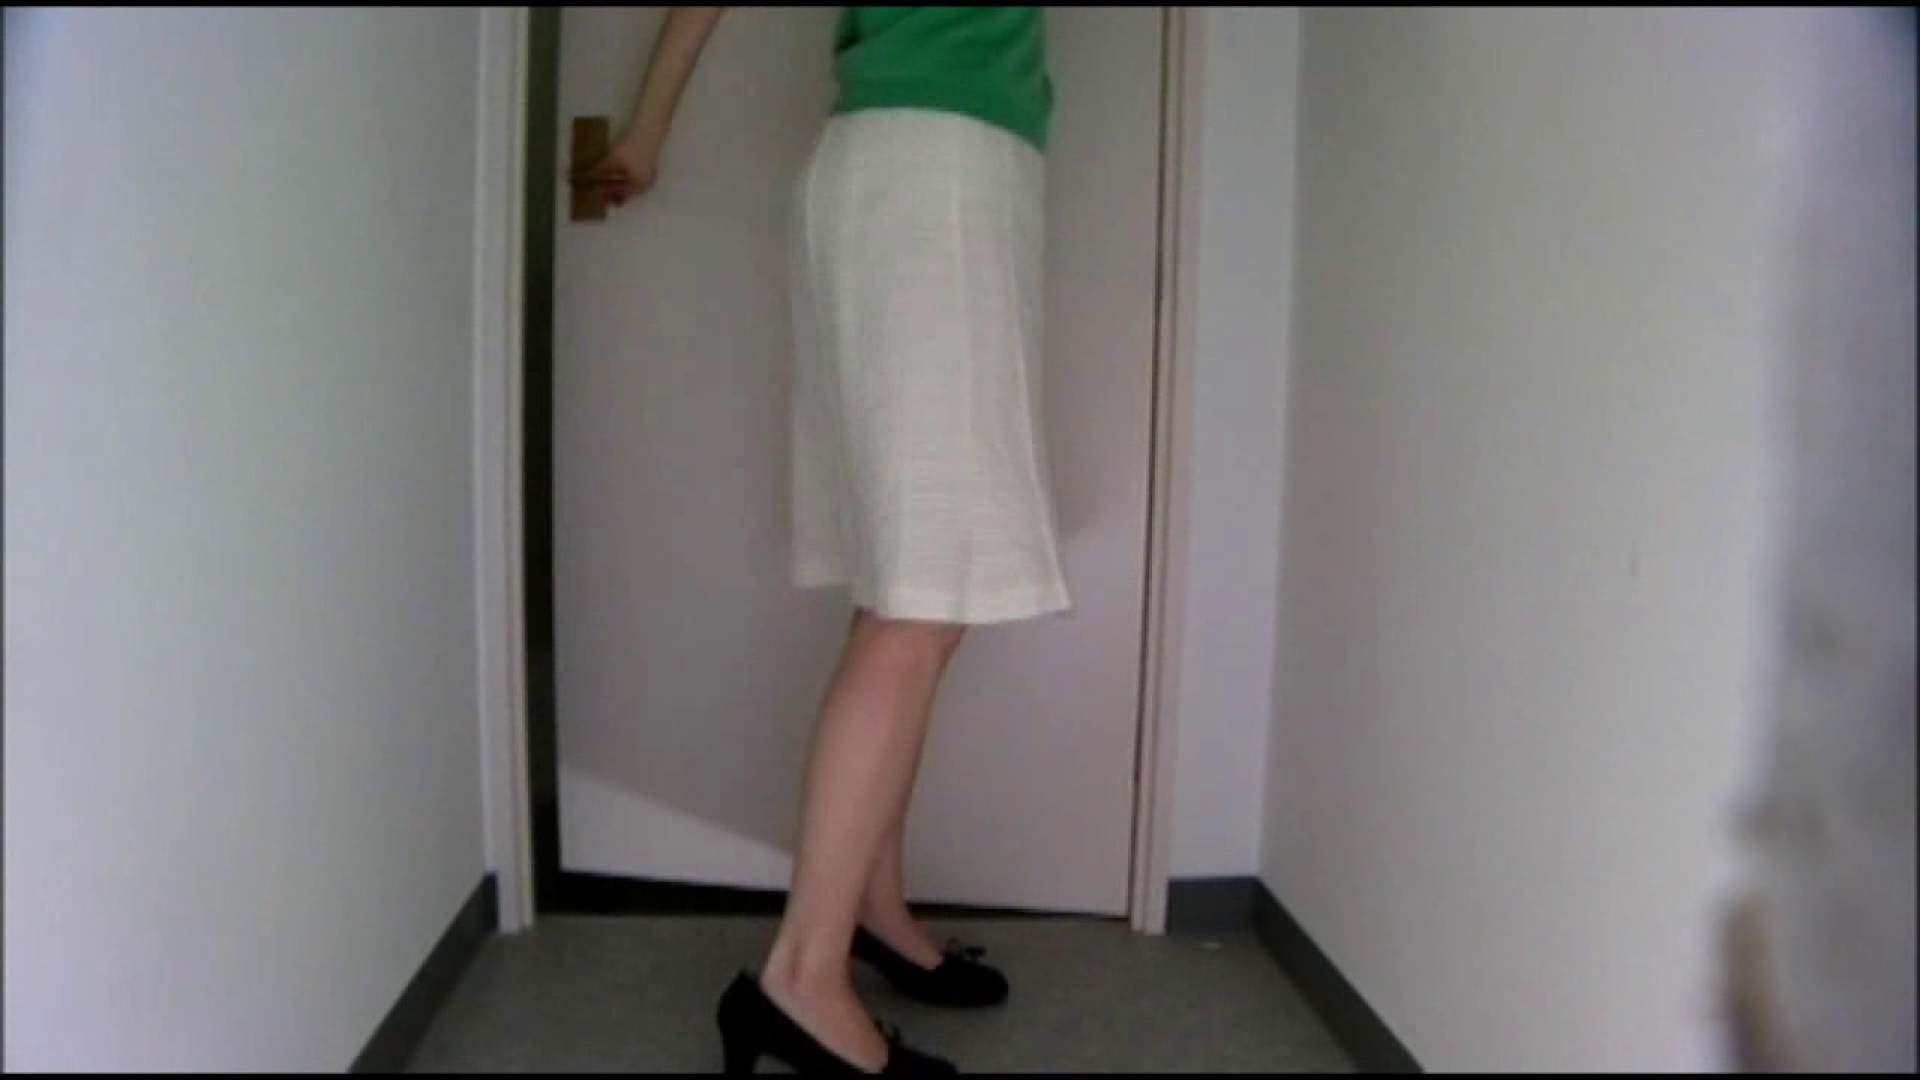 和式にまたがる女たちを待ちうけるカメラの衝撃映像vol.01 盗撮 隠し撮りオマンコ動画紹介 89画像 45